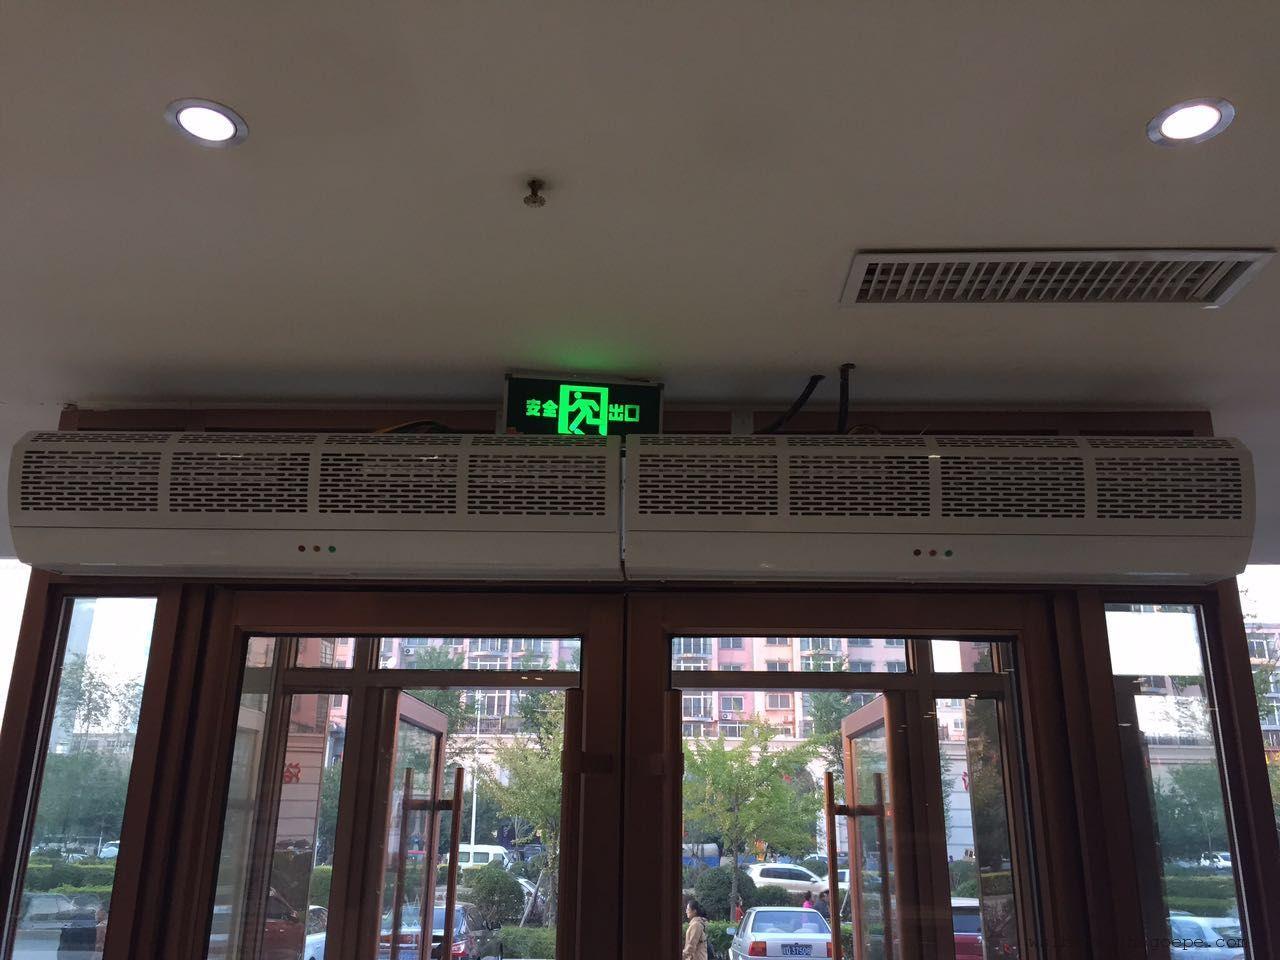 节能贯流热风幕 省电贯流热风幕机 静音贯流热风幕机 环保风幕机